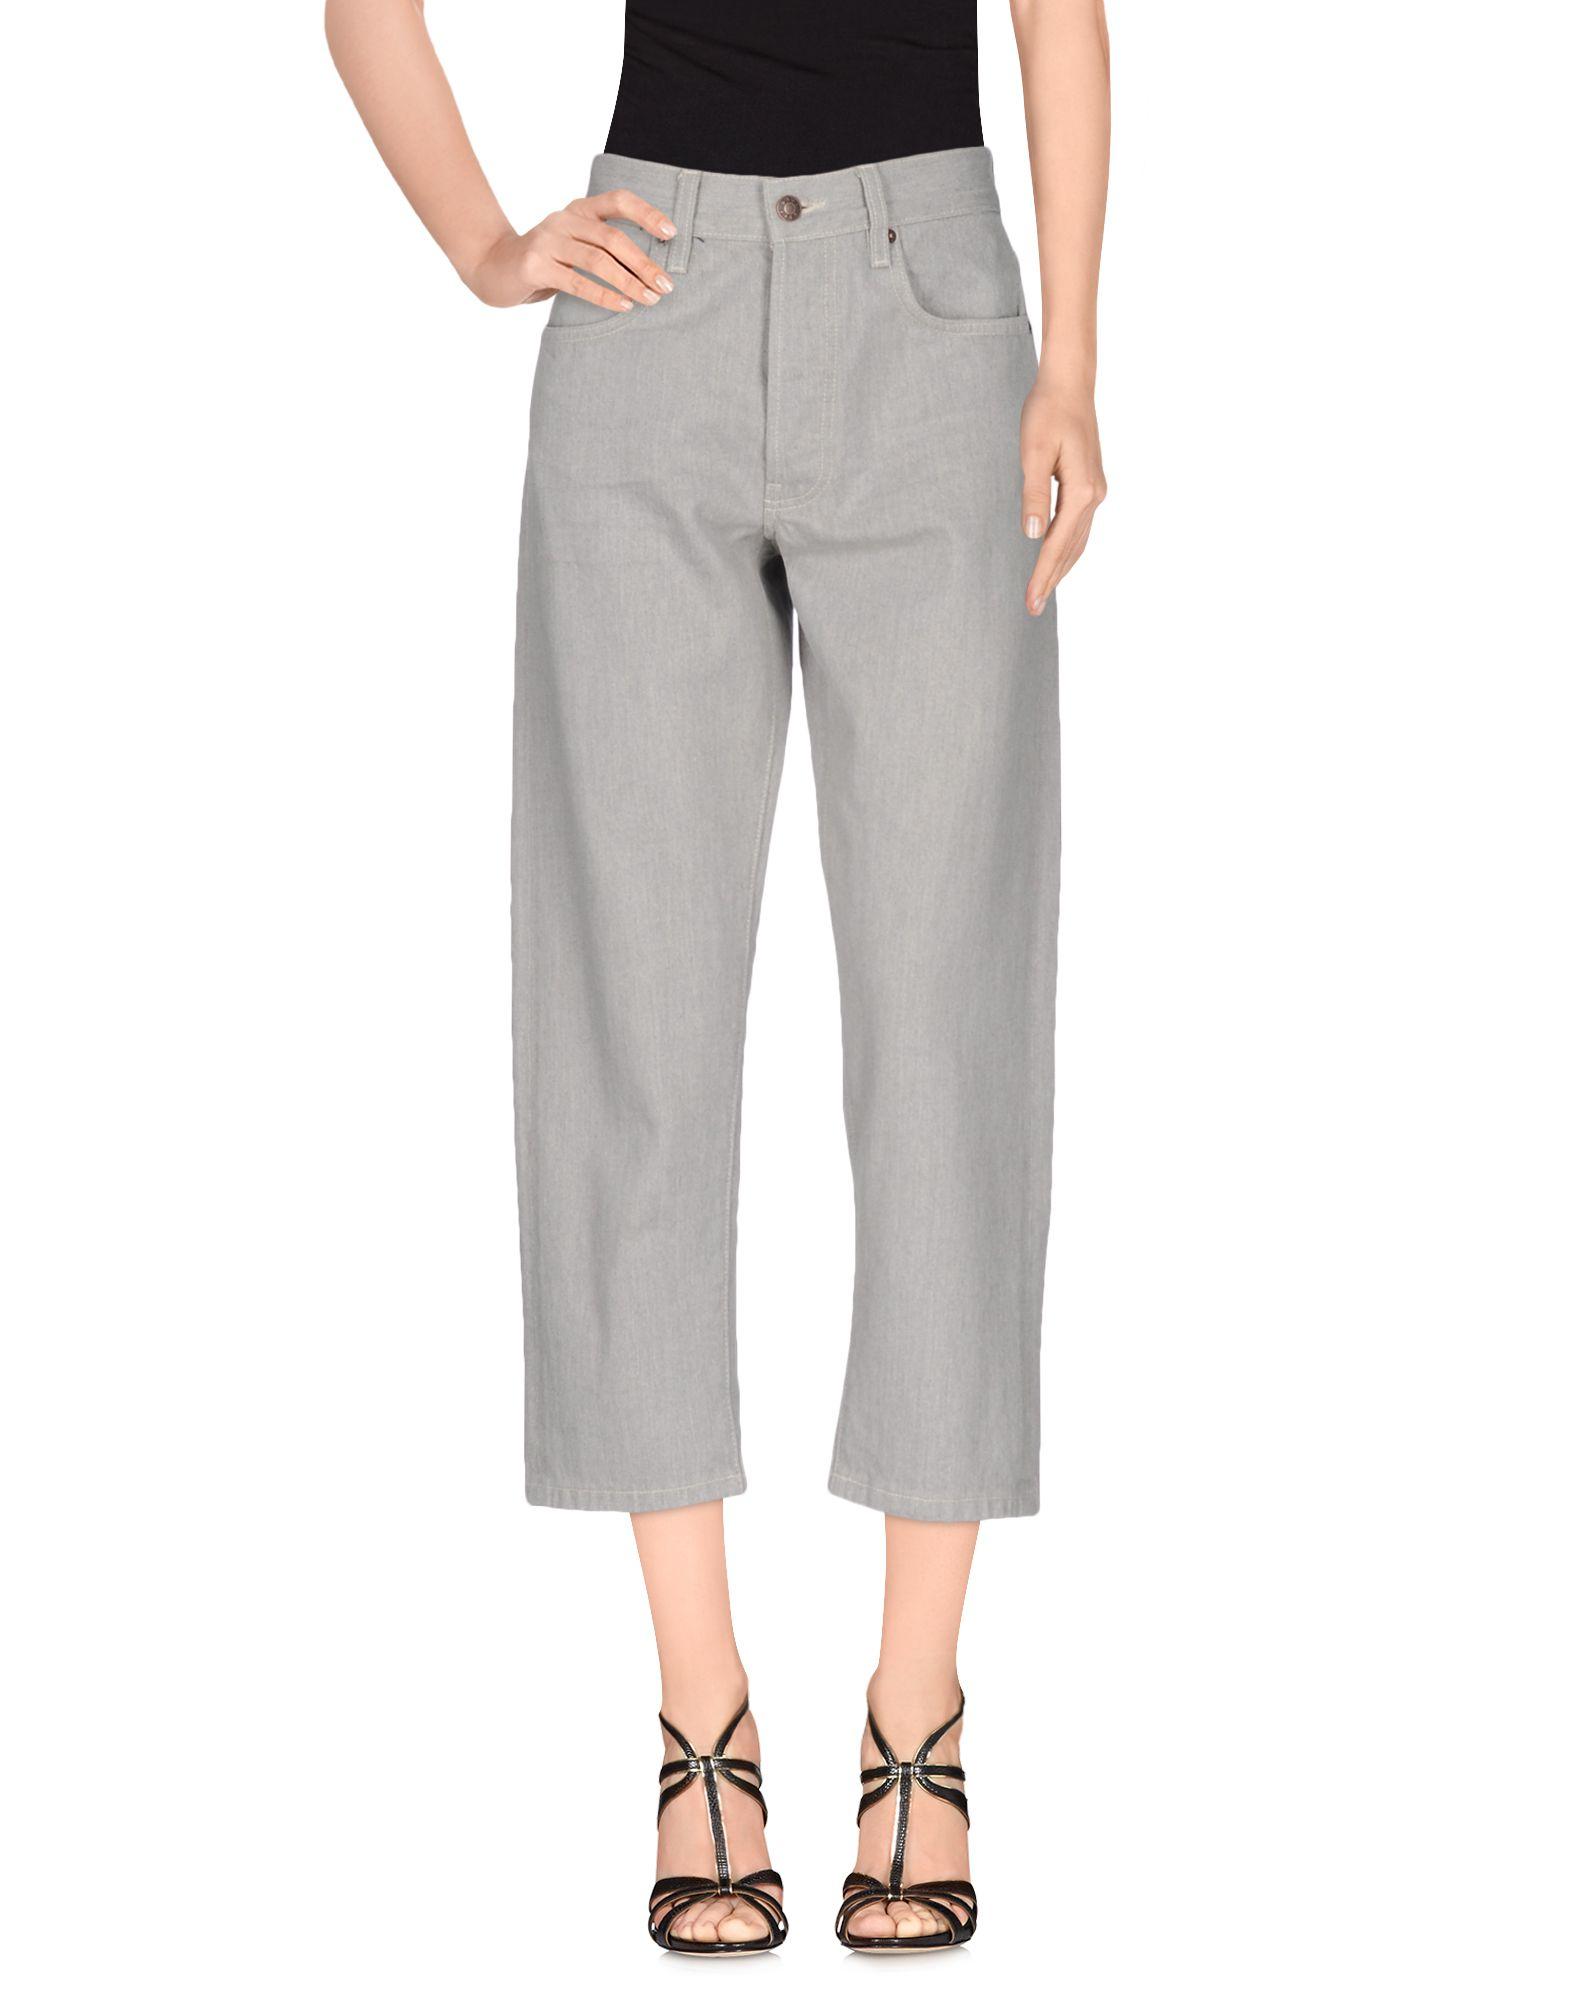 Femme Pantalon Ligne 6397Acheter En Jeans wO8n0XkP